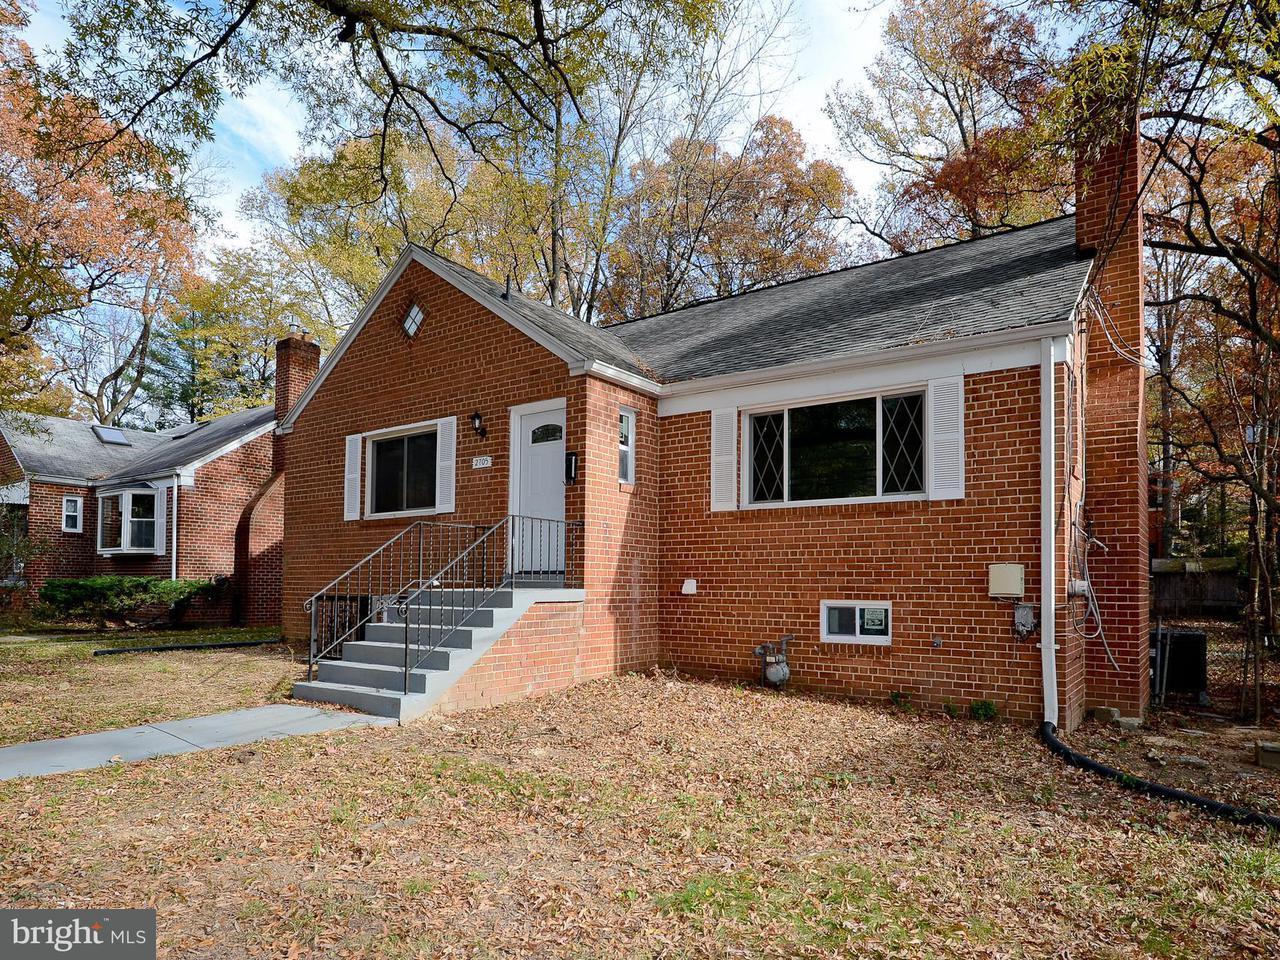 独户住宅 为 销售 在 2705 VALLEY WAY 2705 VALLEY WAY Cheverly, 马里兰州 20785 美国